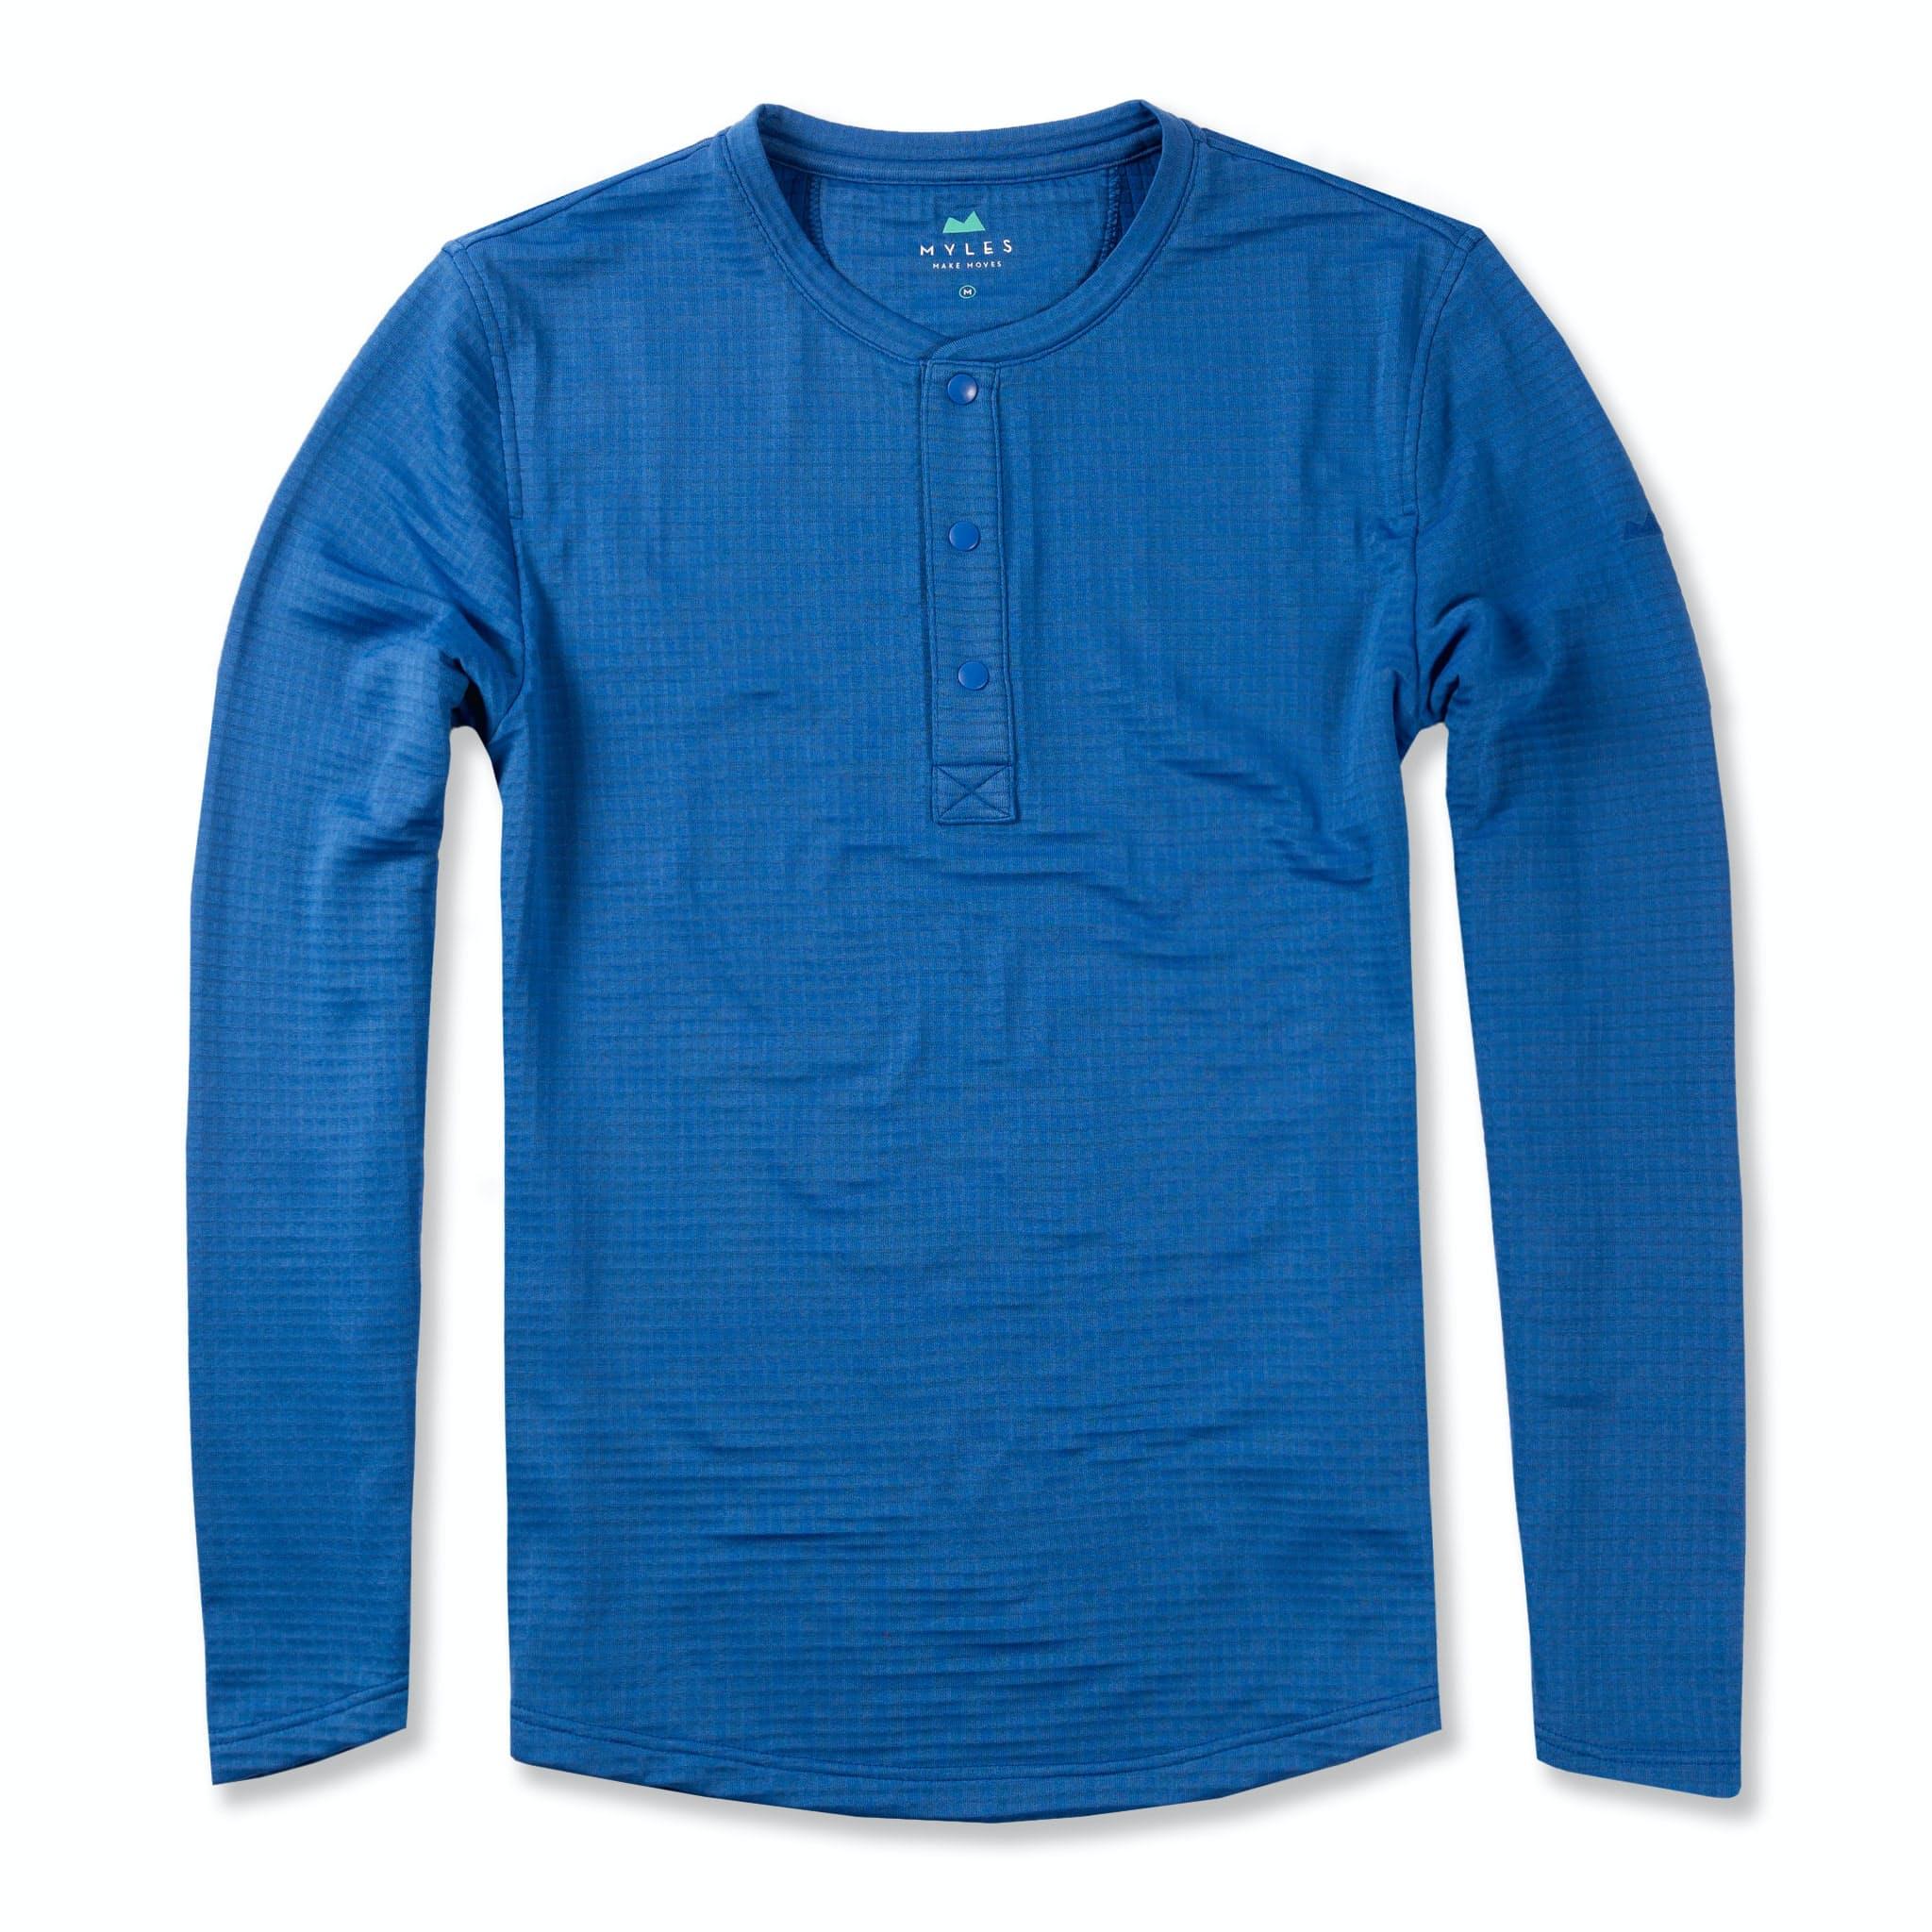 5trutmtigd myles apparel elements henley 0 original